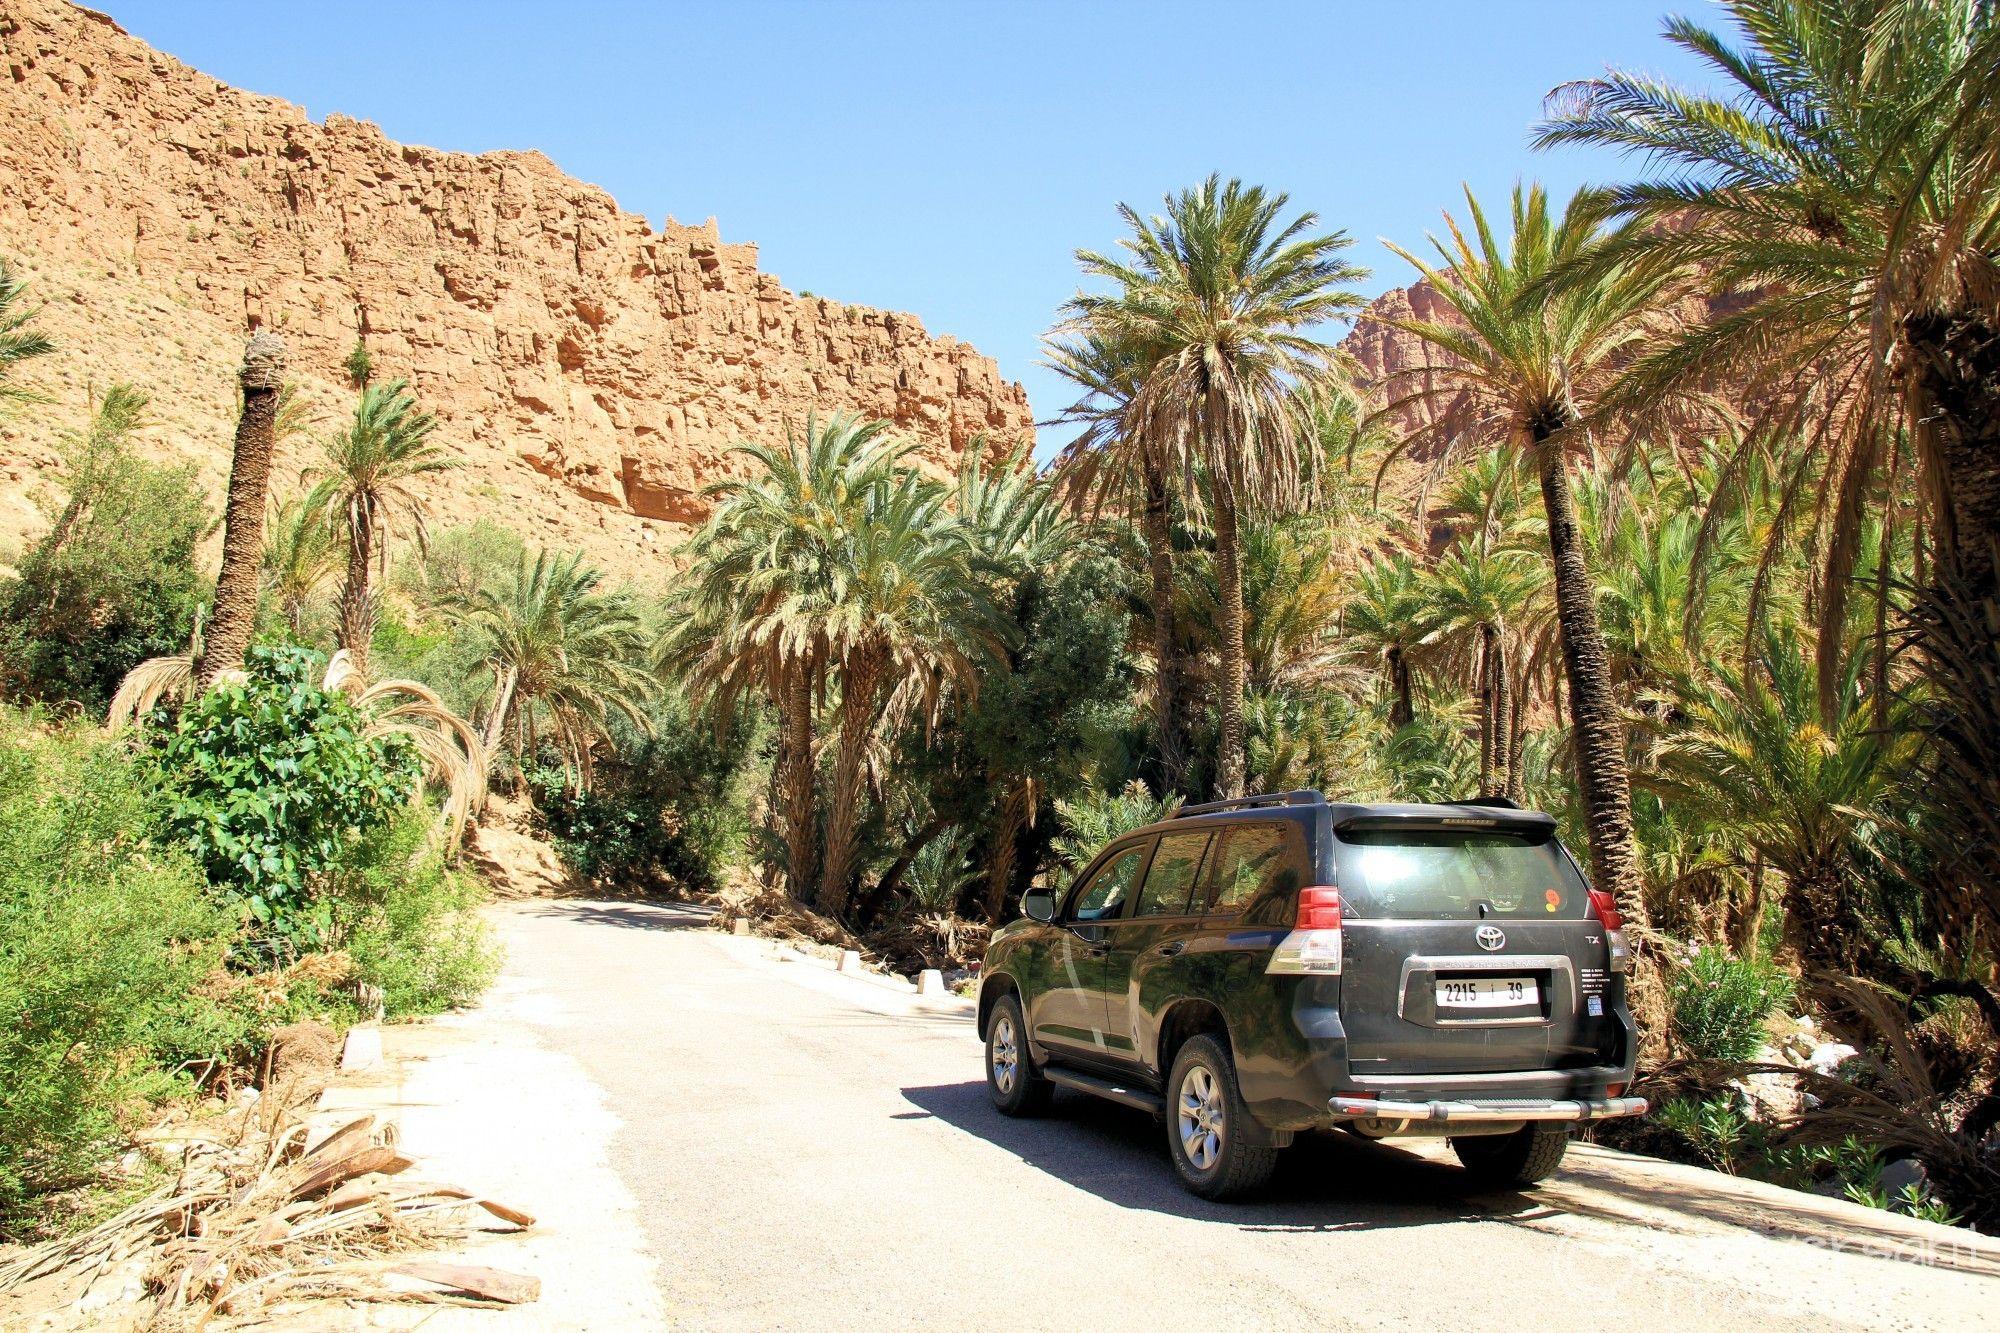 tour from Agadir to Anti-Atlas & Massa oasis in 2 days